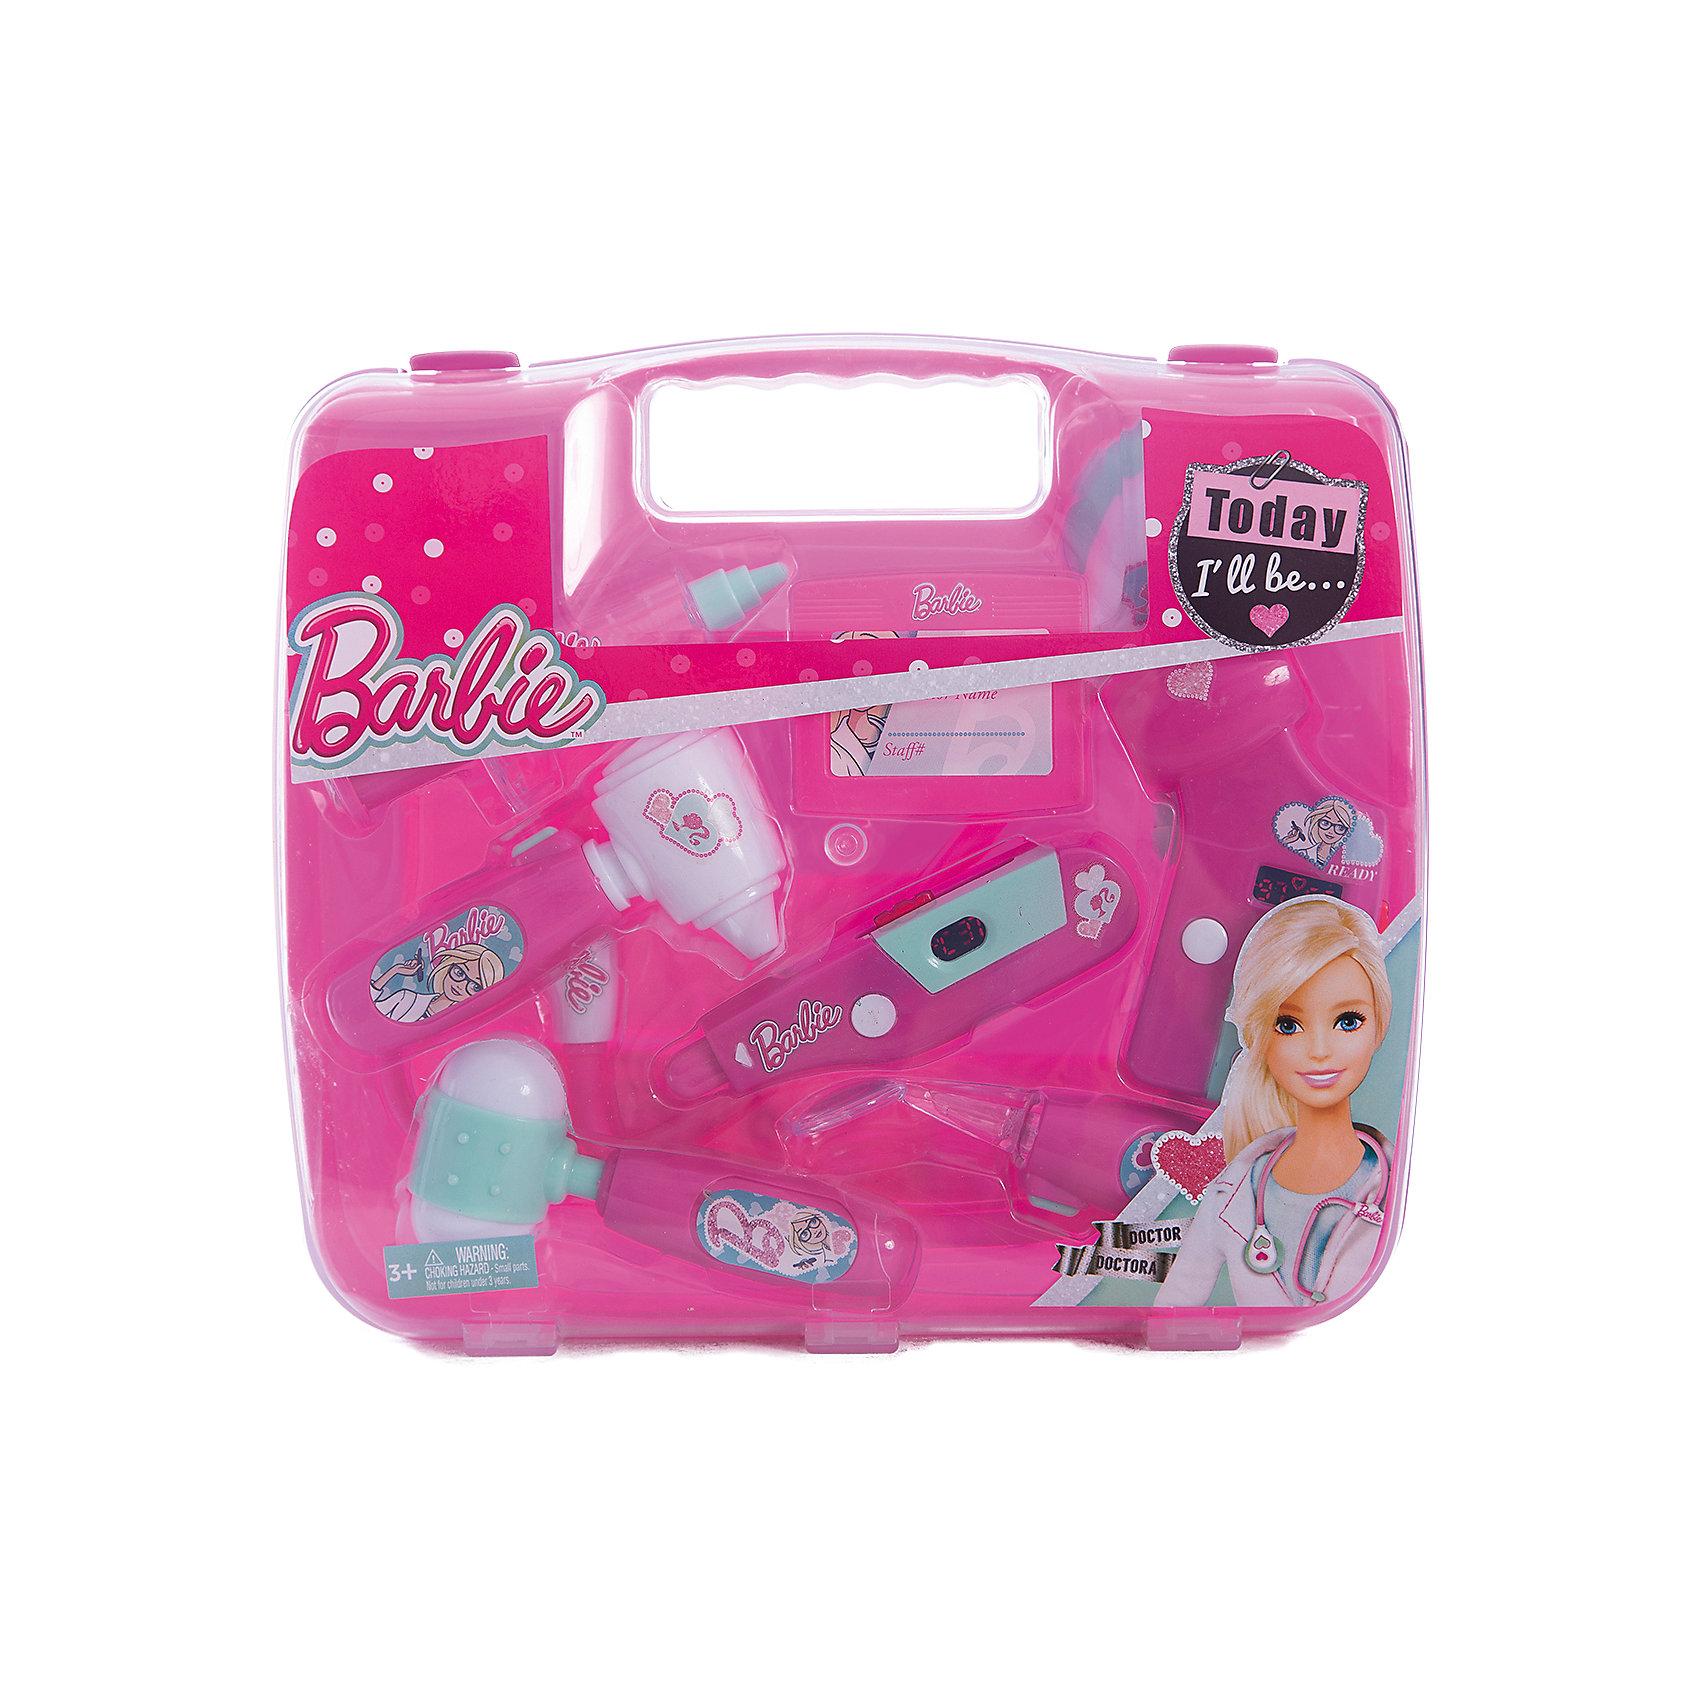 Игровой набор юного доктора в чемодане, BarbieИгровой набор юного доктора в чемодане, Barbie (Барби). <br><br>Характеристика:<br><br>• Материал: пластик. <br>• Размер упаковки: 26х4х23,5 см.<br>• Комплектация: сфигмоманометр - электронный прибор для измерения артериального давления;<br>электронный градусник; стоматоскоп - инструмент с зеркальцем для обследования полости рта; <br>стетоскоп; отоскоп - прибор для обследования уха; <br>шприц; молоточек; бейдж. <br>• Звуковые и световые эффекты. <br>• Отличная детализация. <br>• Удобный пластиковый чемоданчик для хранения и переноски. <br>• Яркий привлекательный дизайн. <br>• Элемент питания: для сфигмоманометра - 2 батарейки типа AG10 (входят в комплект); для электронного градусника - 2 батарейки типа AG10 (входят в комплект);<br>для стоматоскопа - 2 батарейки типа AG10 (входят в комплект); для стетоскопа - требуются 2 батарейки типа AG13 (входят в комплект); для отоскопа - 2 батарейки типа AG10 (входят в комплект).<br><br>С этим ярким набором ребенок сможет почувствовать себя настоящим доктором. Все аксессуары упакованы в удобный пластиковый чемоданчик с прозрачной крышкой, отлично детализированы и хорошо проработаны, очень похожи на настоящие медицинские инструменты. Игрушки выполнены из экологичного пластика, в производстве которого использованы только безопасные нетоксичные красители.<br><br>Игровой набор юного доктора в чемодане, Barbie (Барби), можно купить в нашем интернет-магазине.<br><br>Ширина мм: 270<br>Глубина мм: 240<br>Высота мм: 600<br>Вес г: 541<br>Возраст от месяцев: 36<br>Возраст до месяцев: 2147483647<br>Пол: Женский<br>Возраст: Детский<br>SKU: 5238936